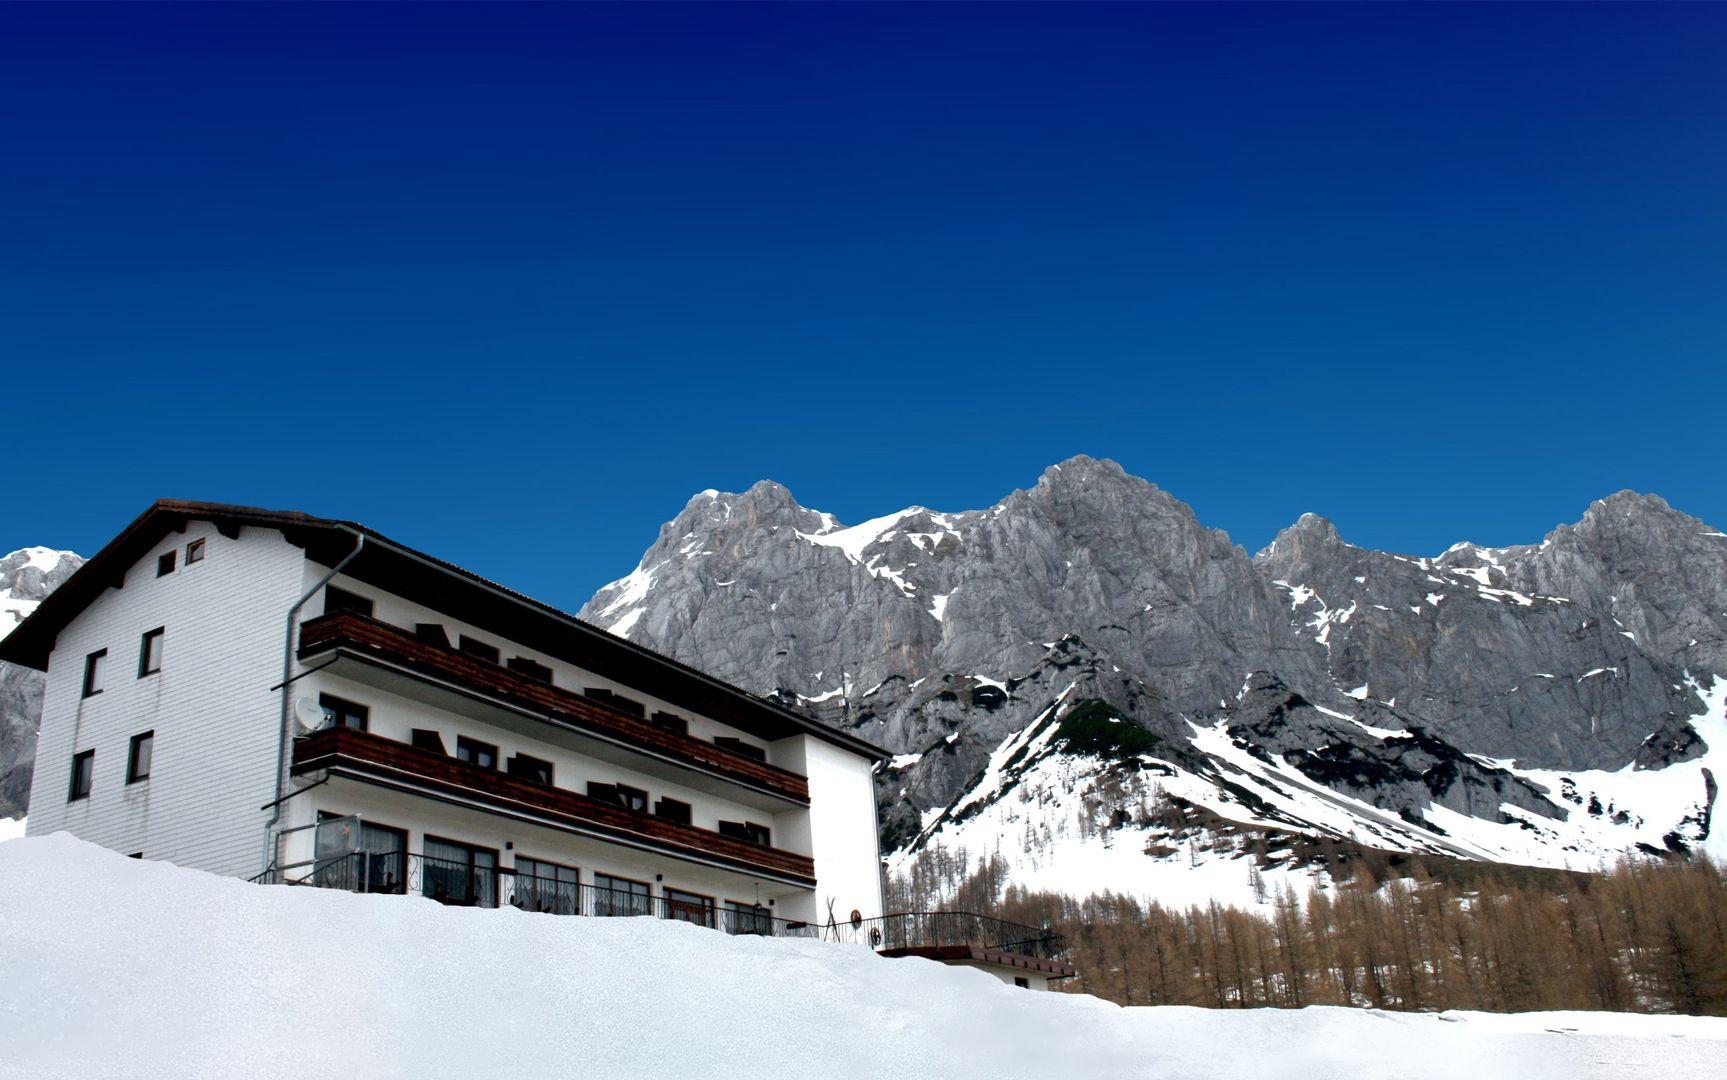 Berghotel Dachstein - Slide 1